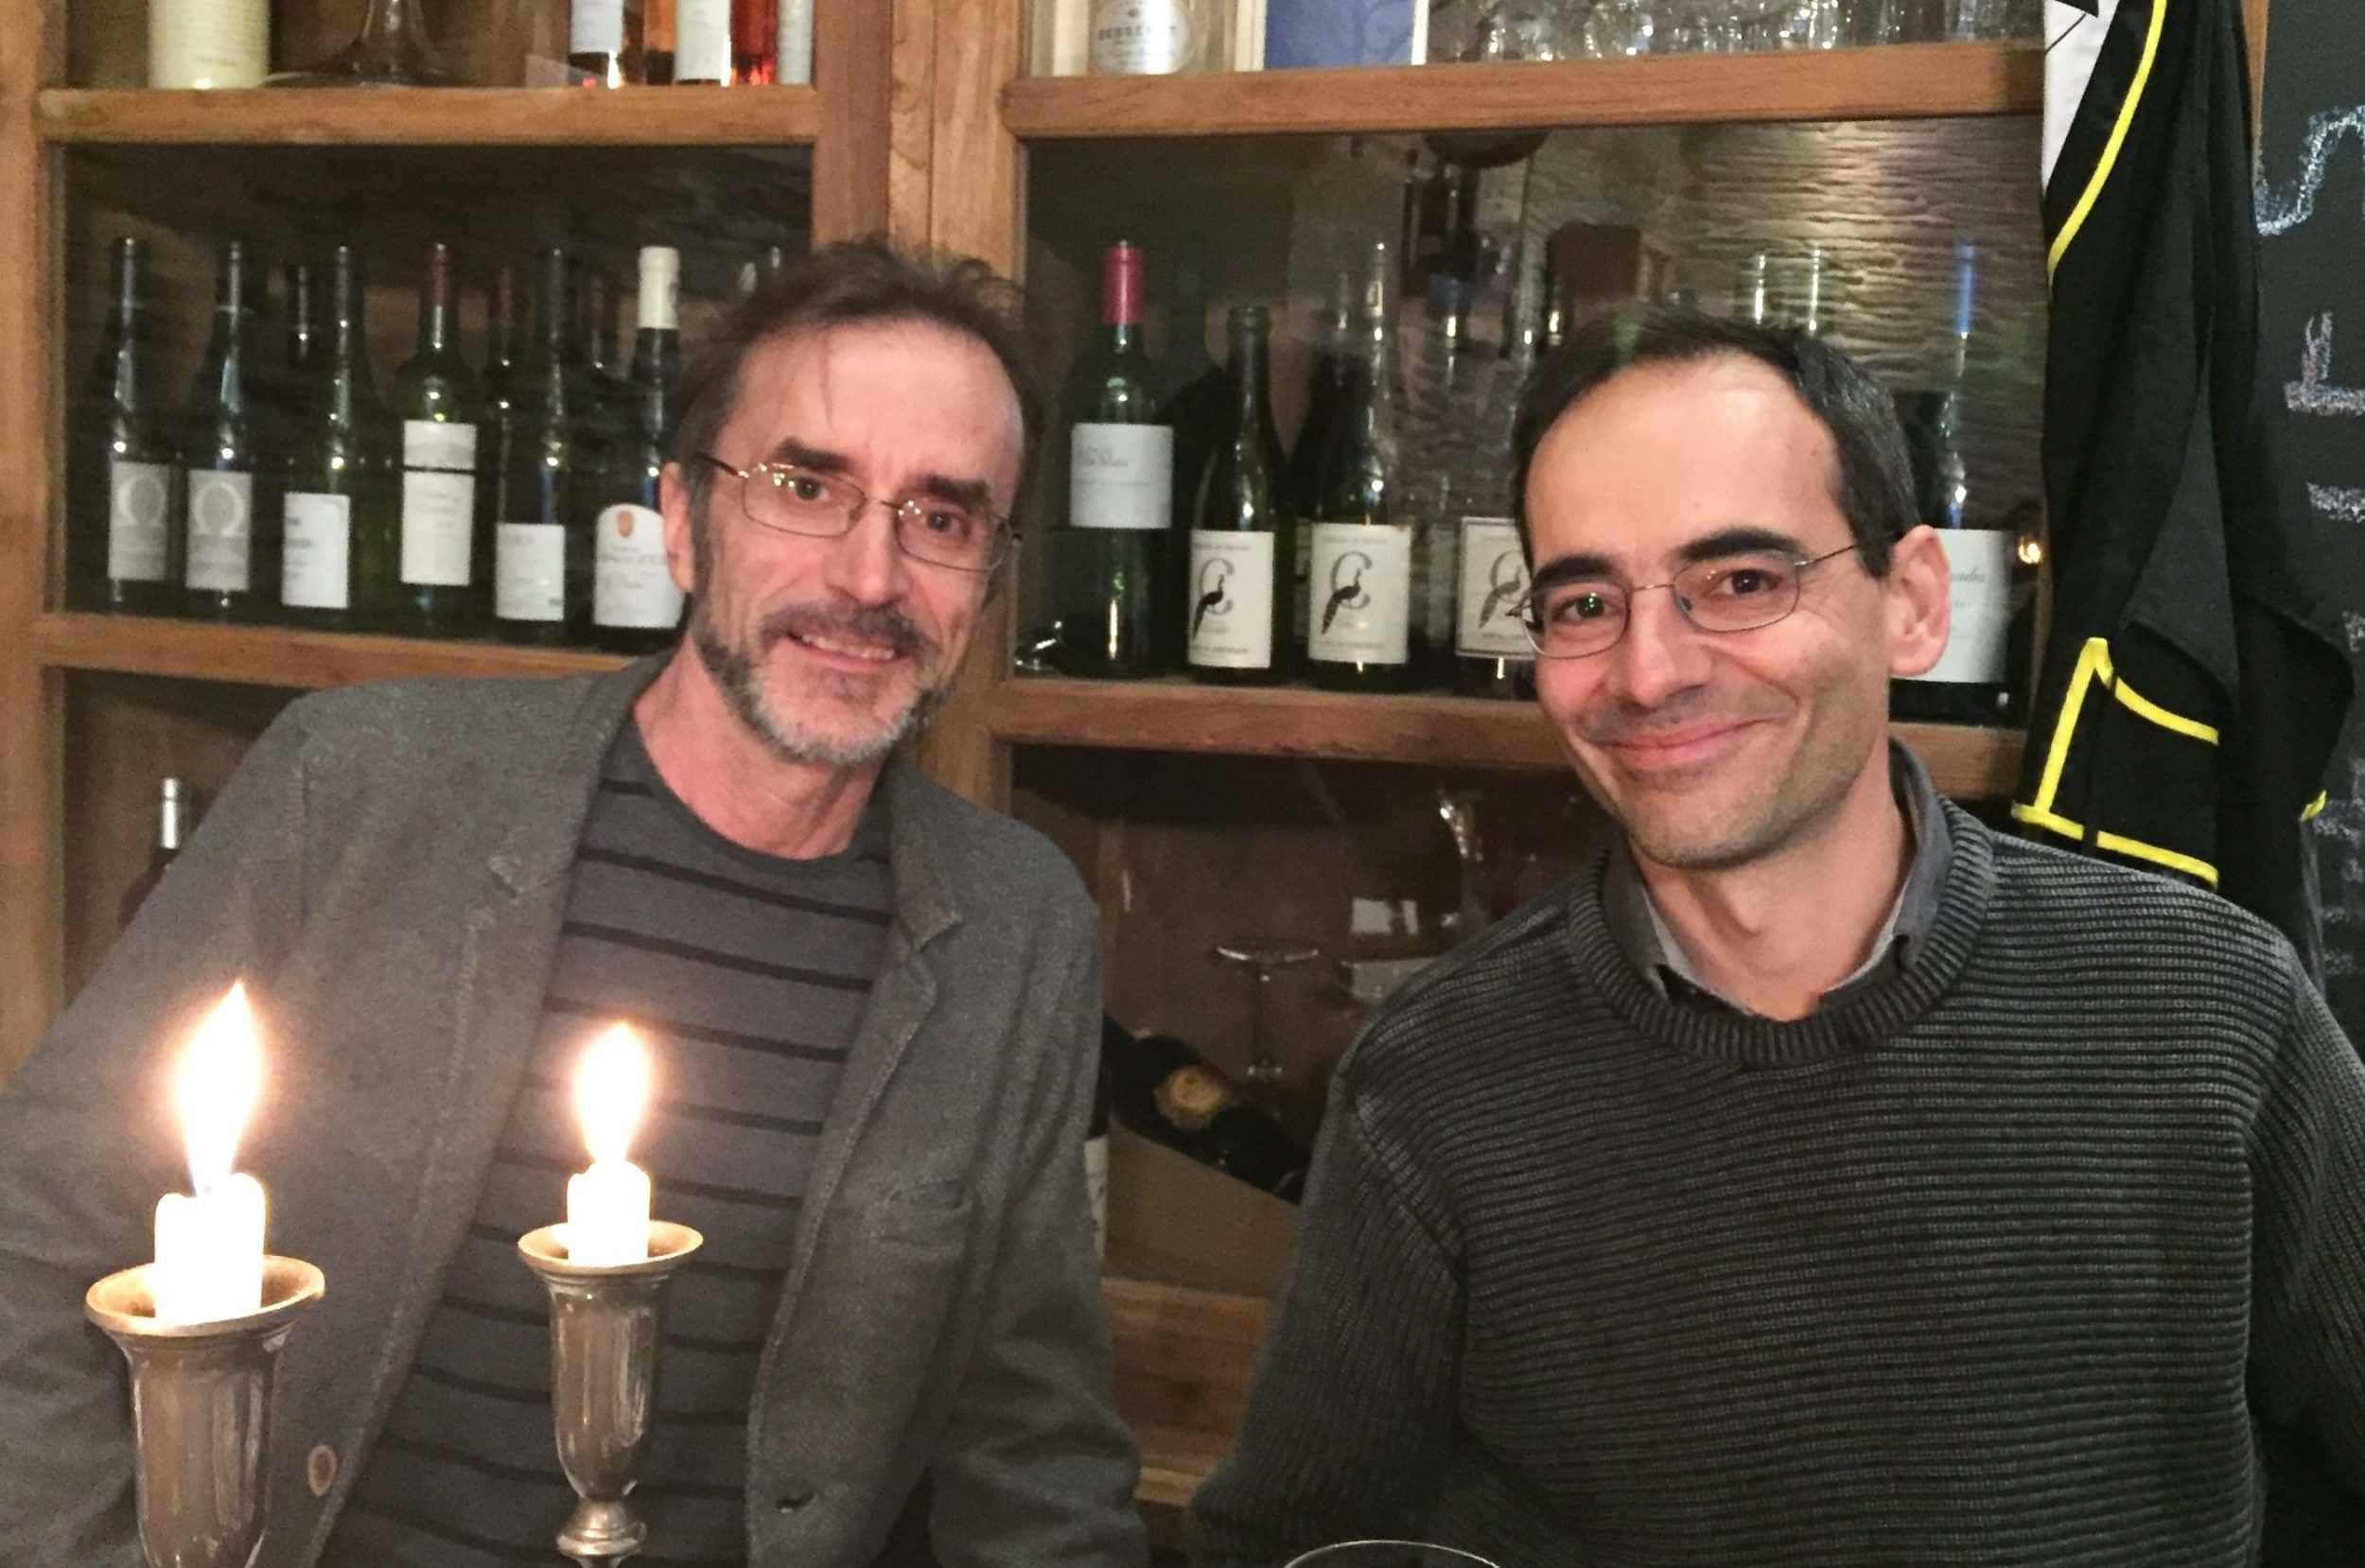 Pellejero et Canales avec Corto Maltese sous le soleil des bougies à Montpellier